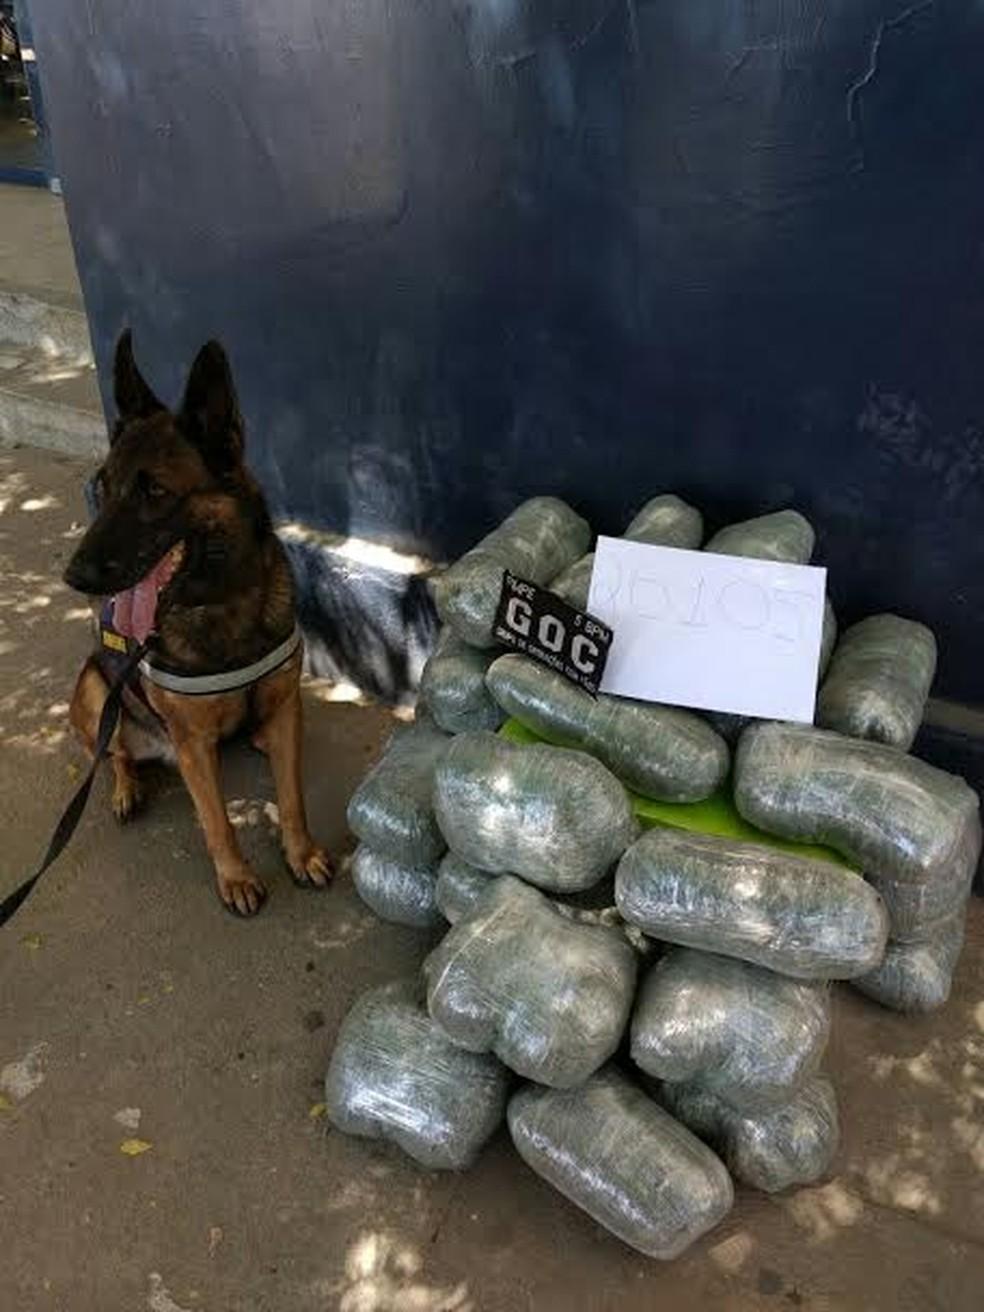 Maconha foi encontrada com a ajuda de um cão farejador da Polícia Militar (Foto: DSivulgação / Polícia Militar)